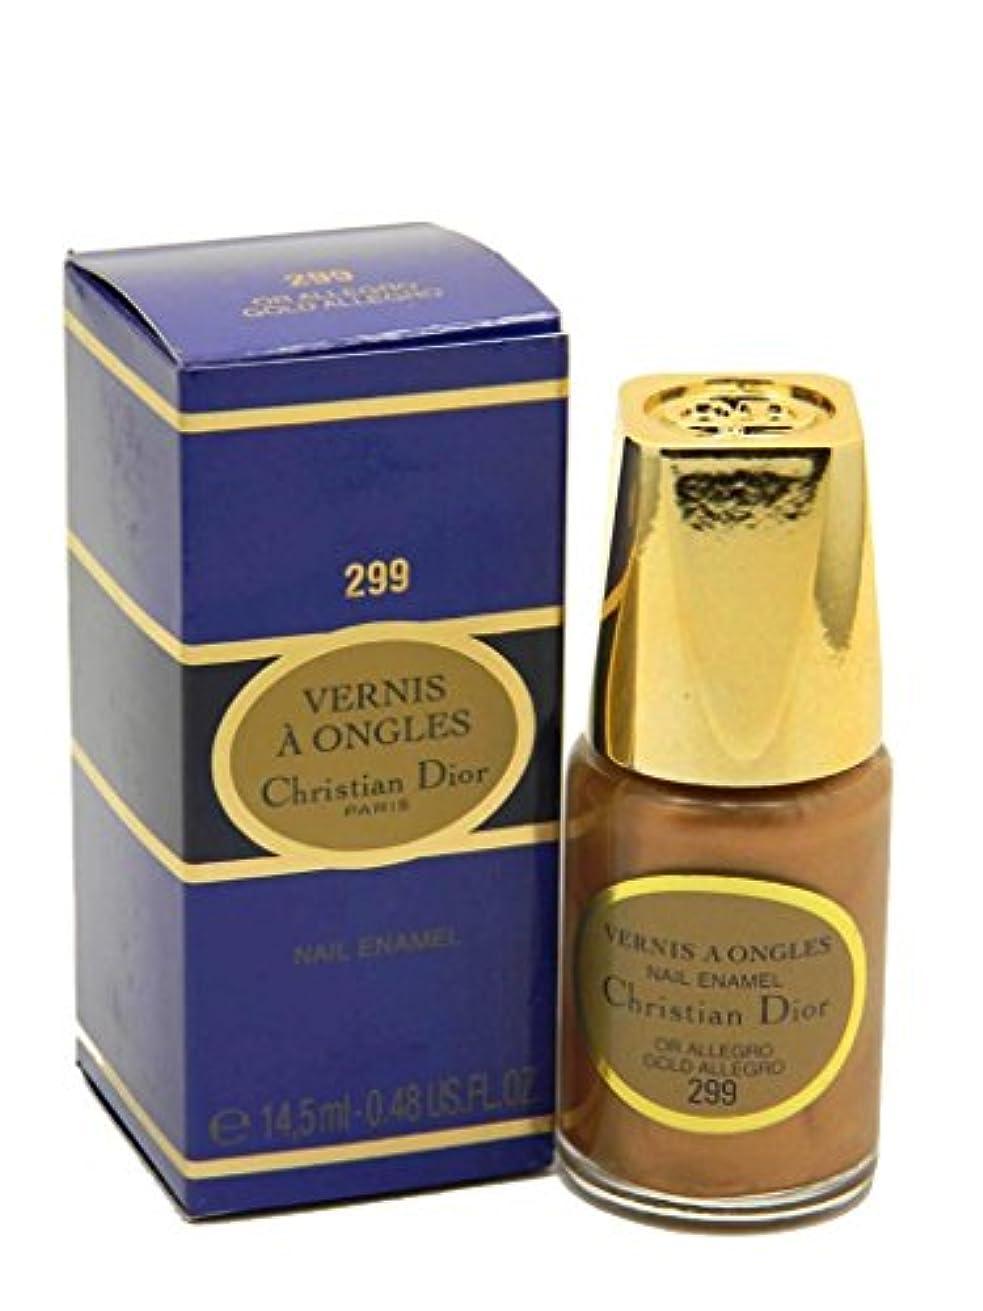 シソーラス登るウェーハDior Vernis A Ongles Nail Enamel Polish 299 Gold Allegro(ディオール ヴェルニ ア オングル ネイルエナメル ポリッシュ 299 ゴールドアレグロ) [並行輸入品]